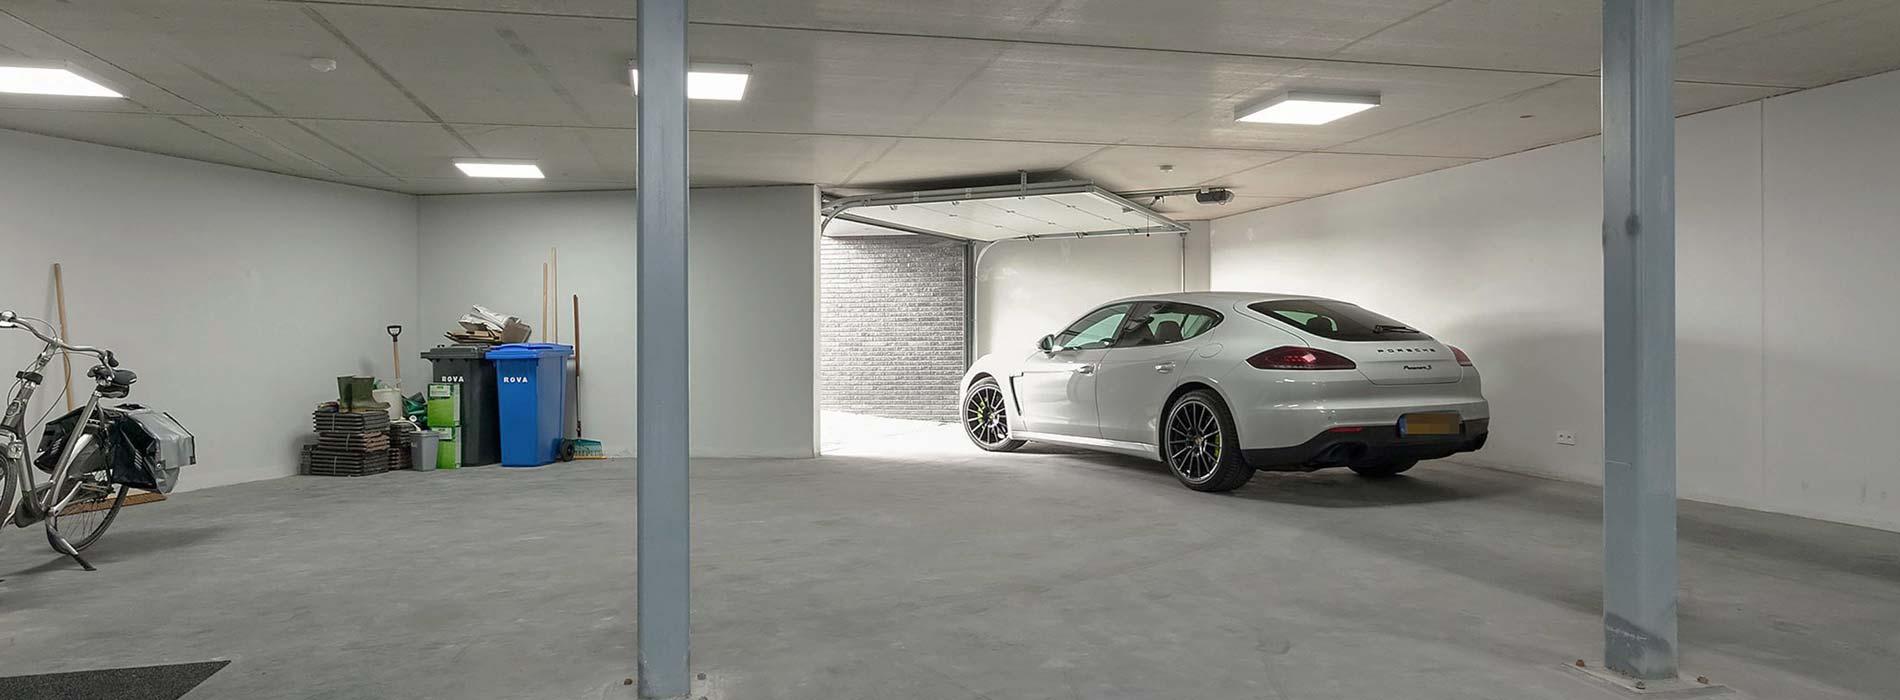 bouw van woning/villa met garage/parkeerkelder en kelder voor slaapkamers - aannemersbedrijf Wielink uit elburg